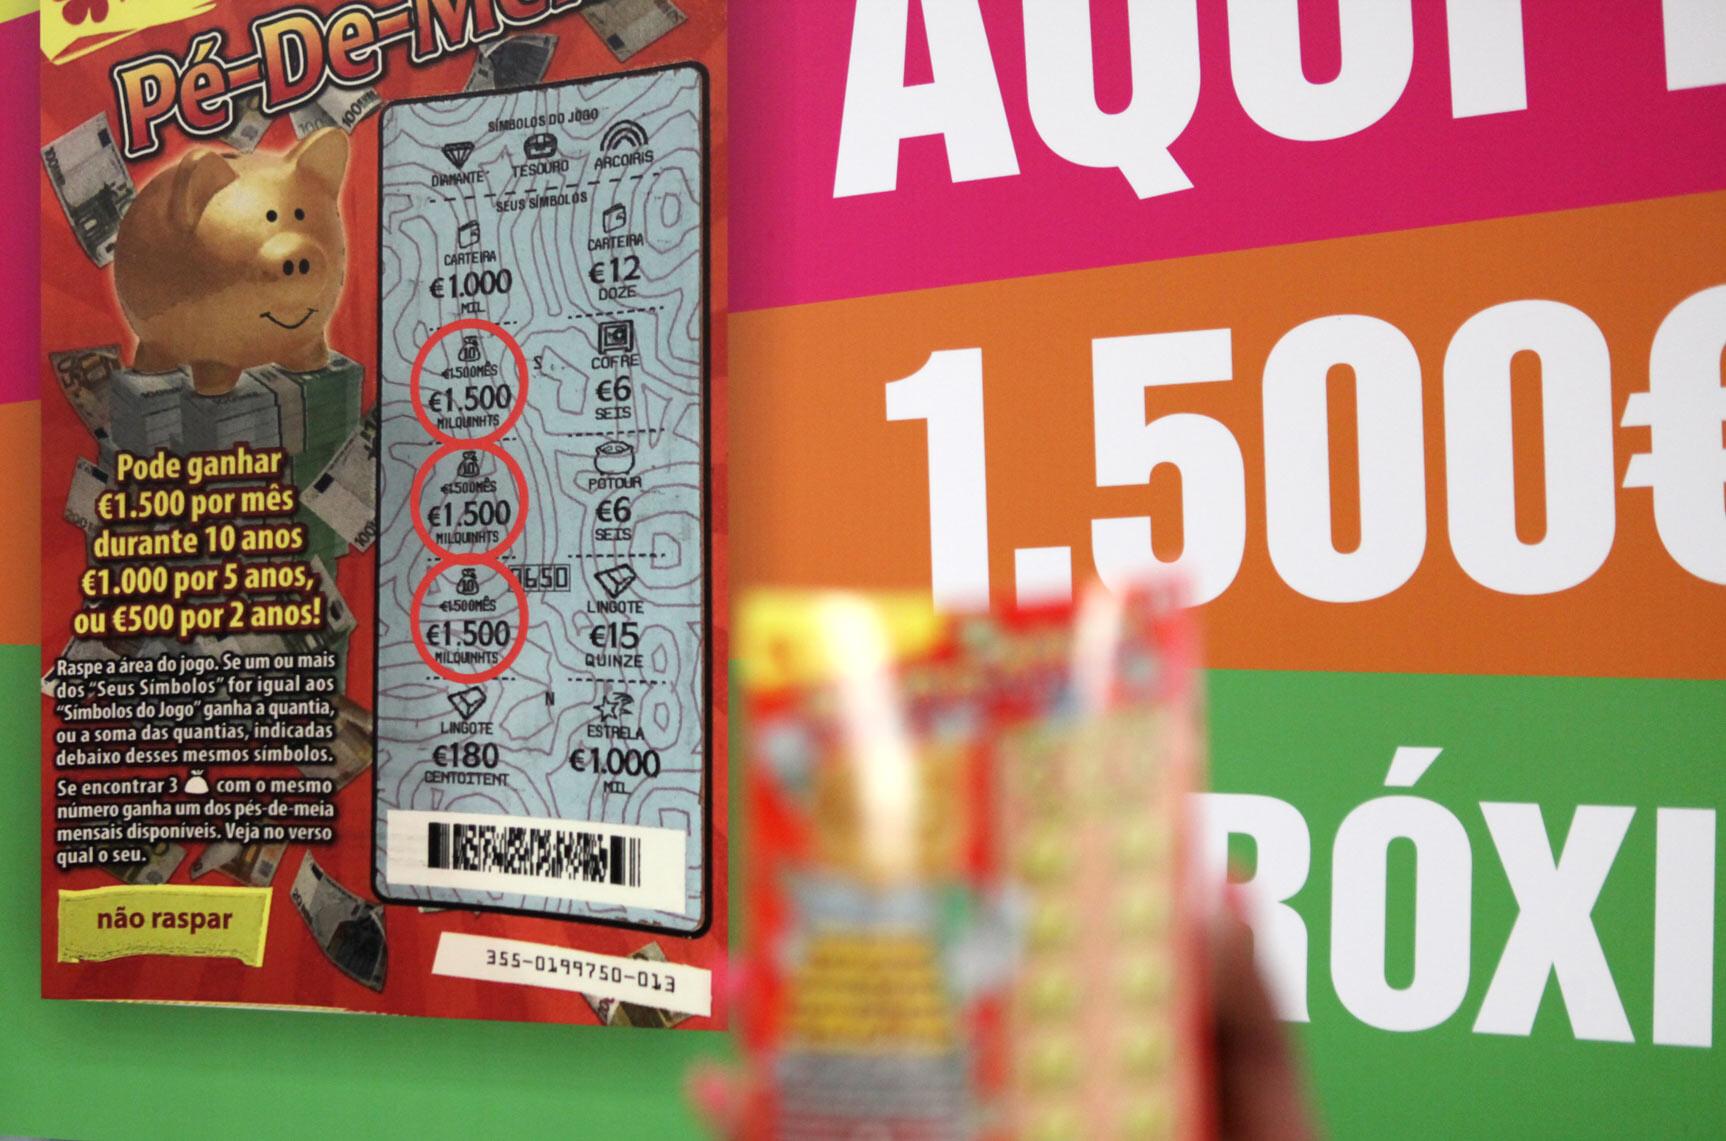 Quiosque-Jumbo---1500€